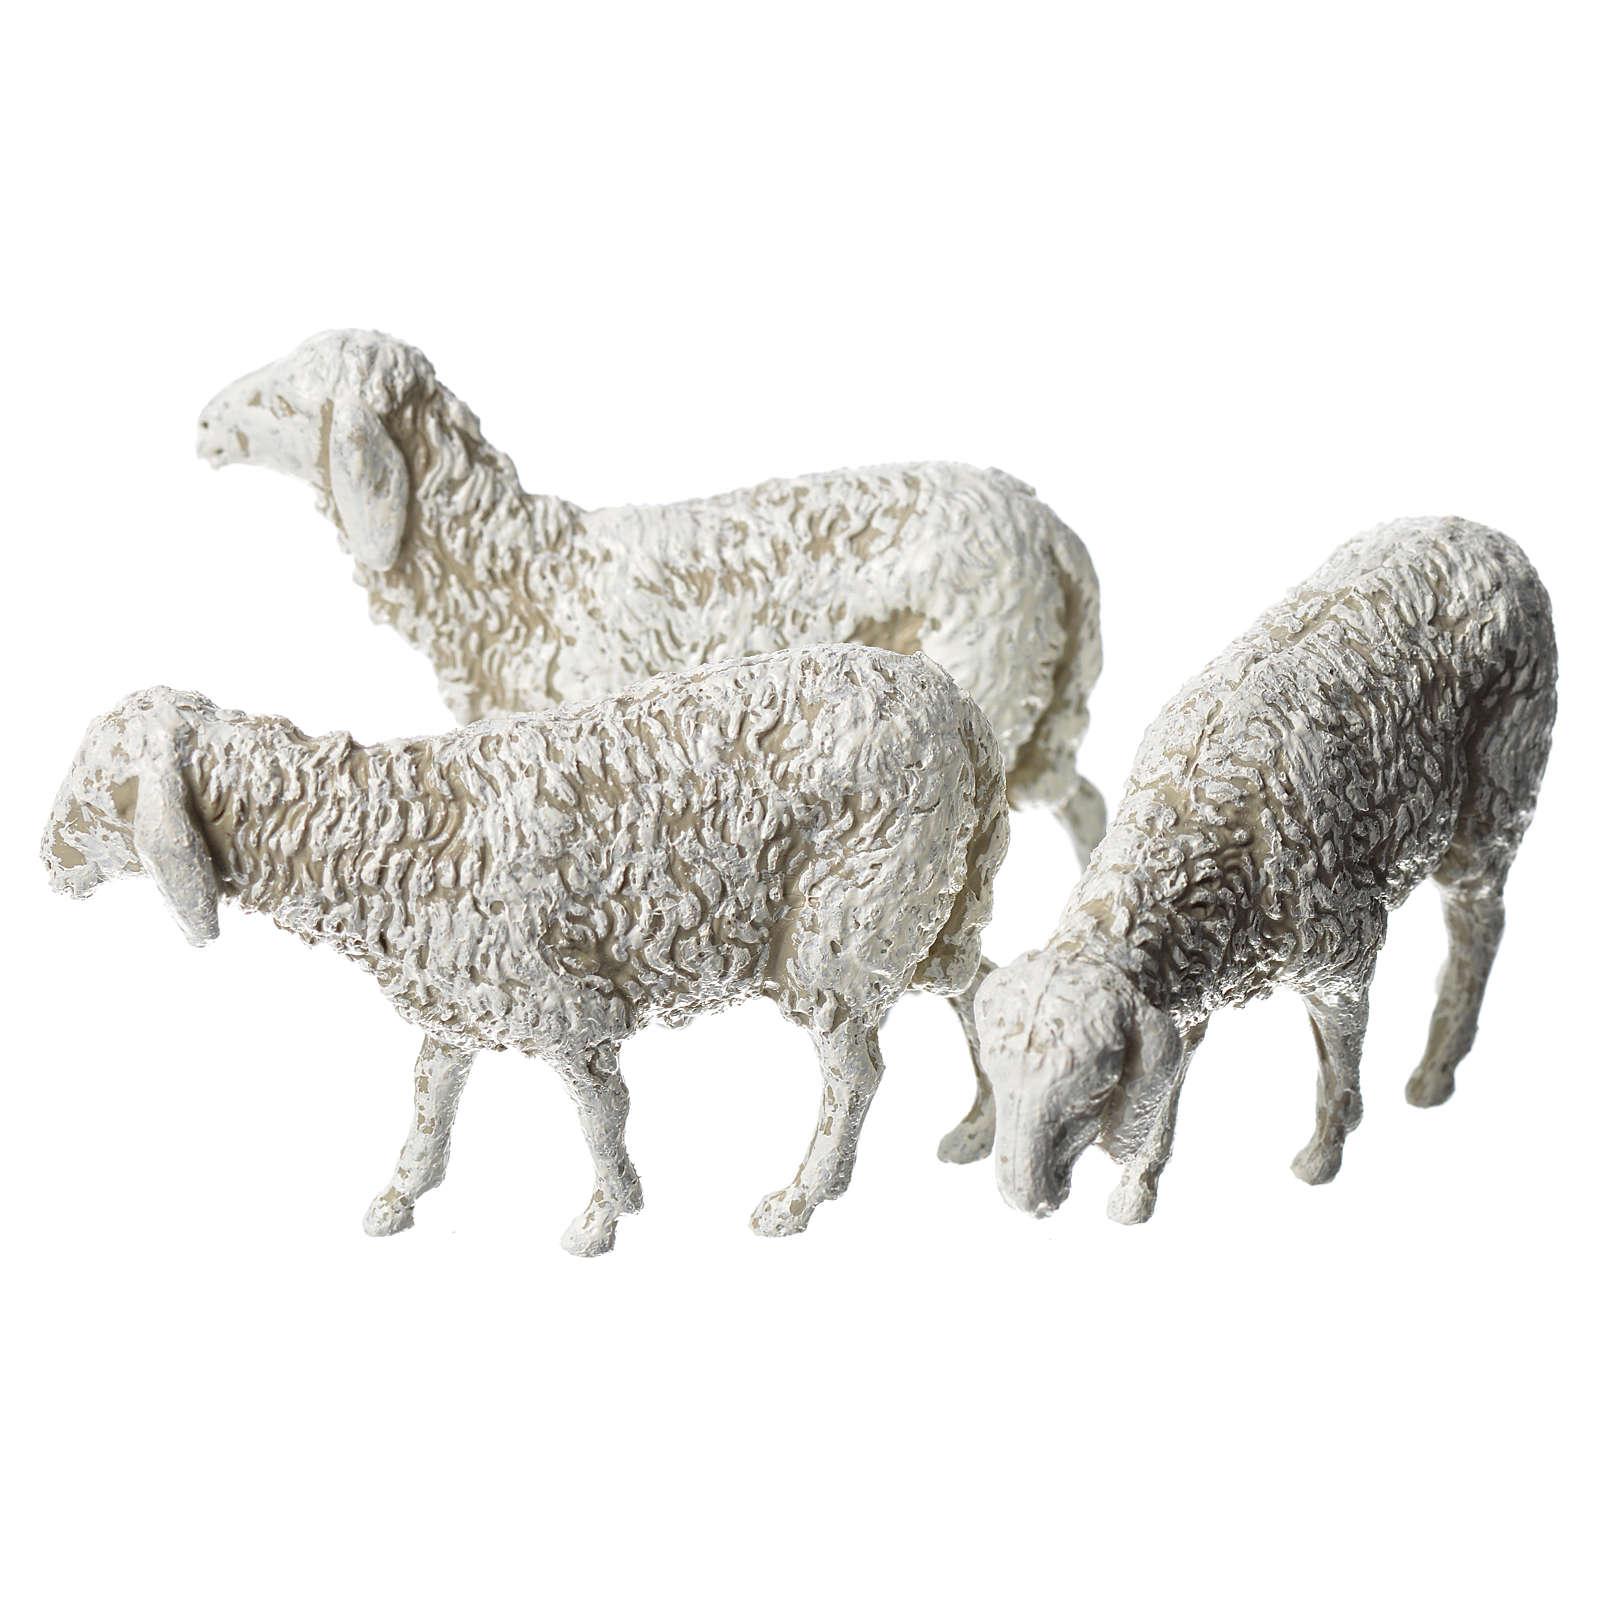 Moutons pour crèche Moranduzzo de 8cm, 6 pcs 4